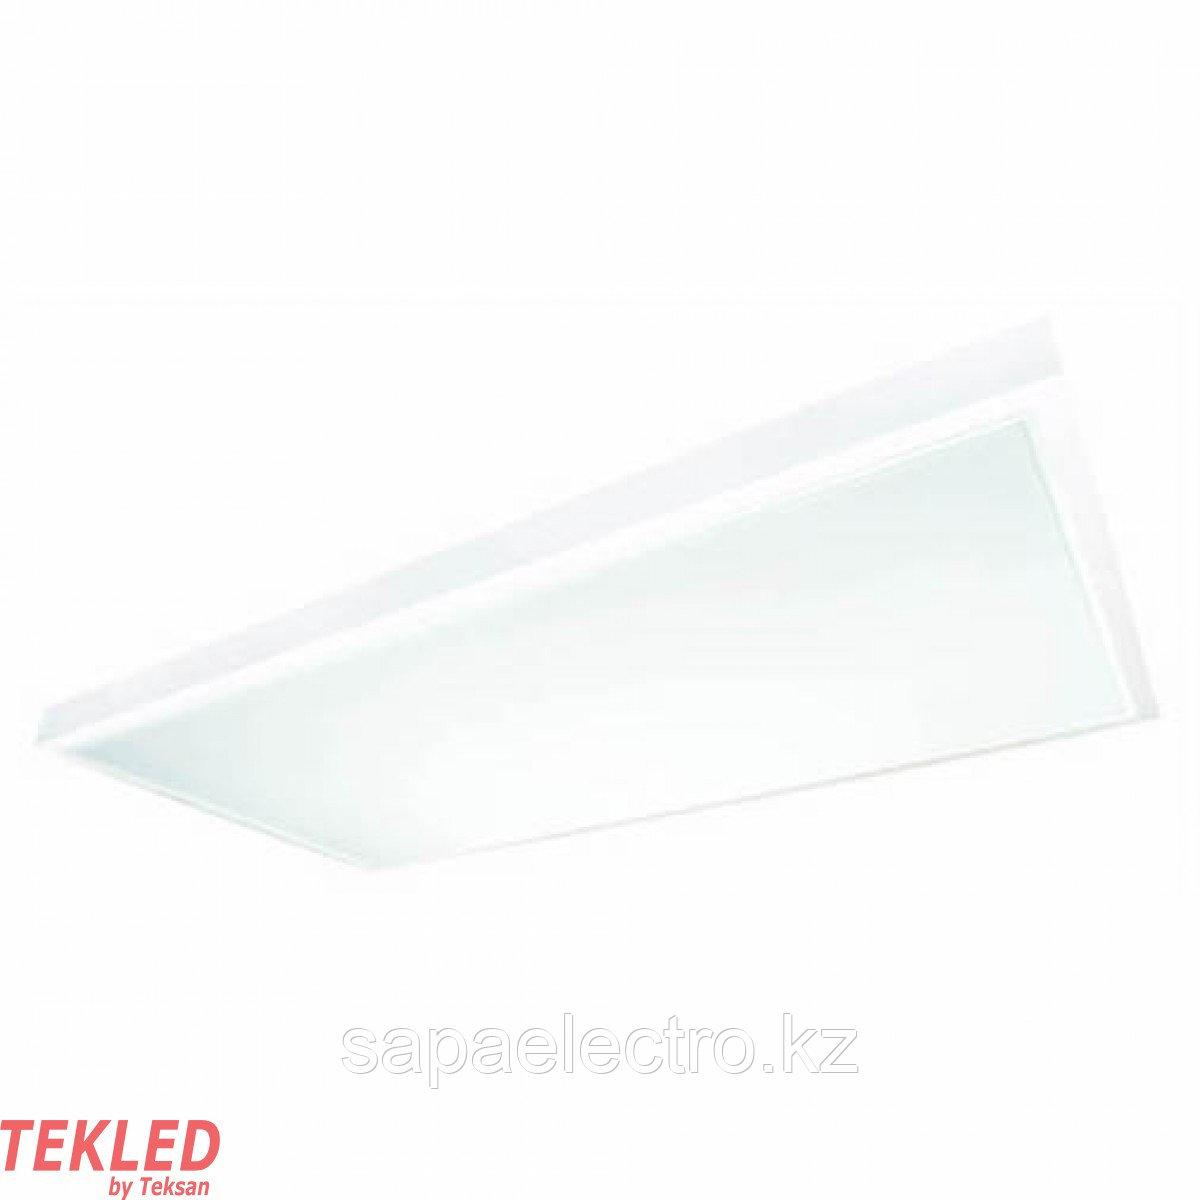 Св-к OPALLED 10X9W/LZN 436 MODERNA накл-й MEGALUX